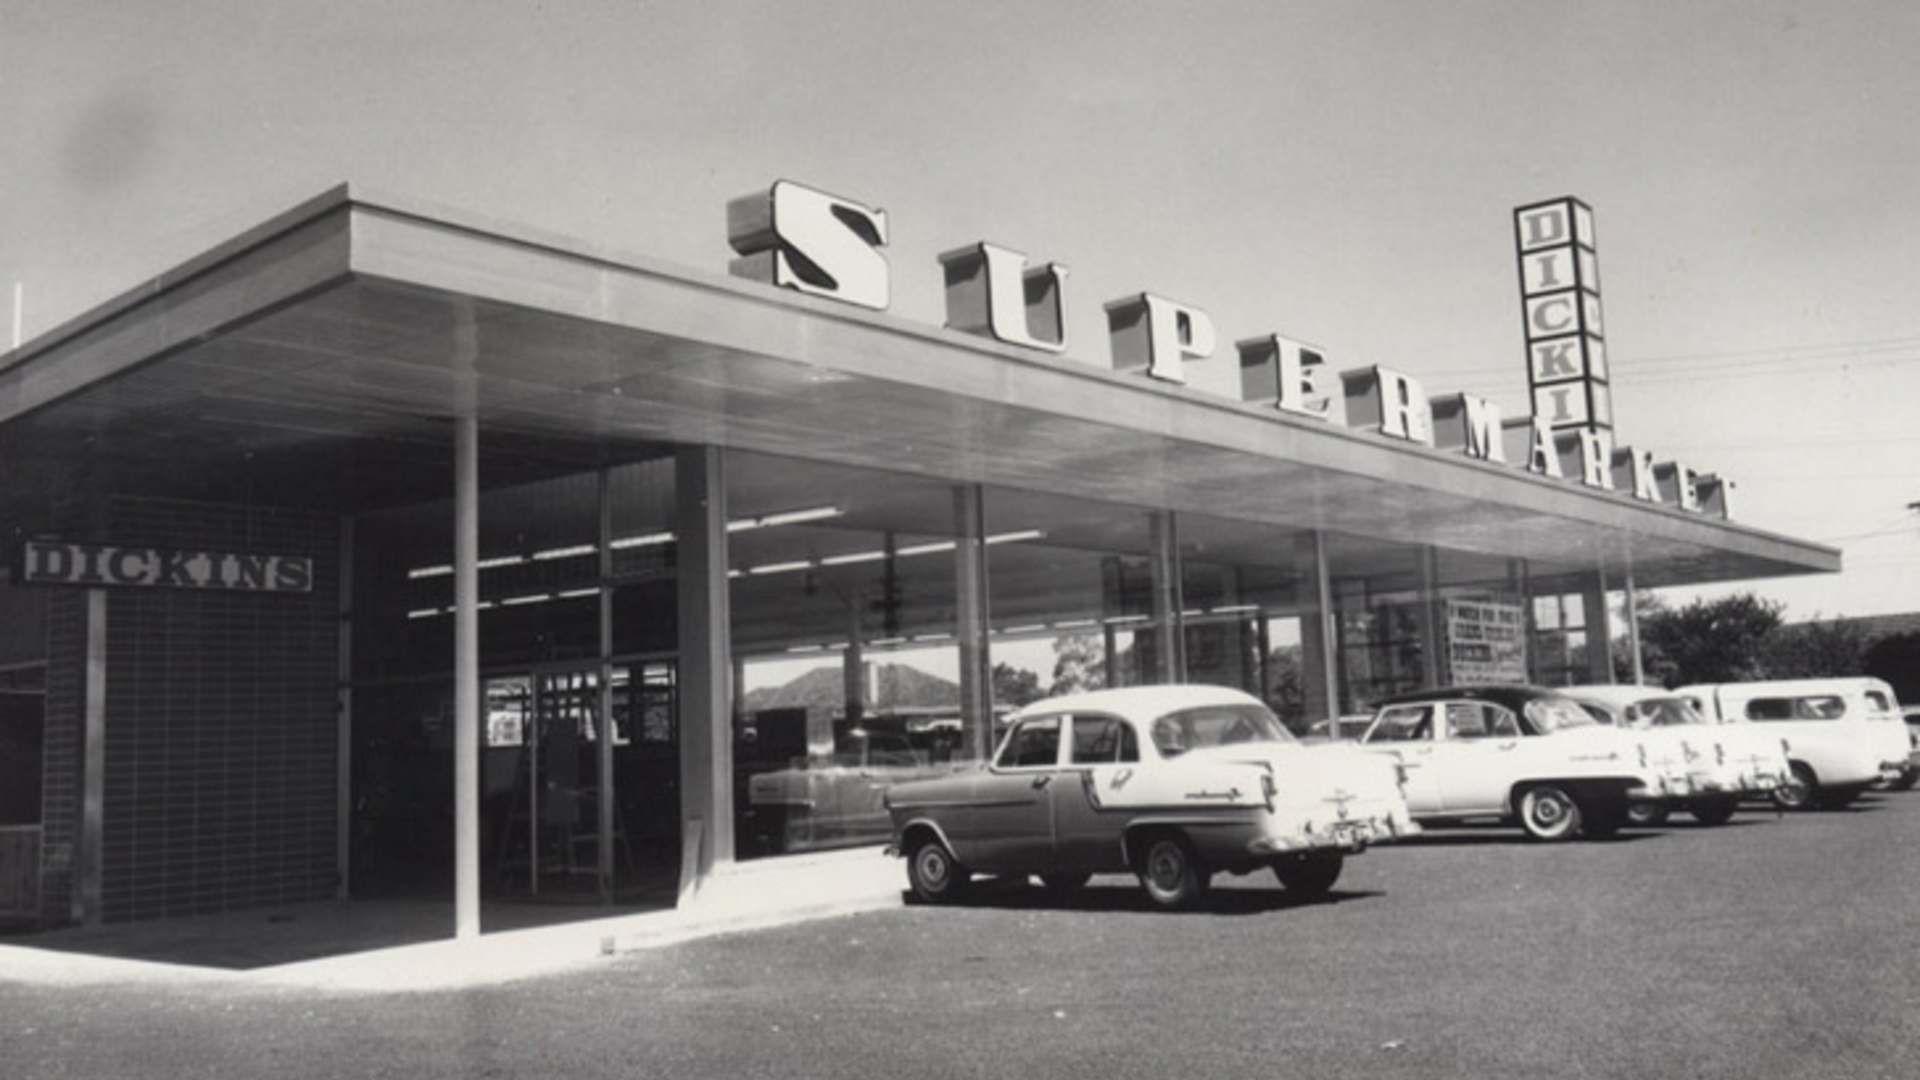 Coles First Supermarket In North Balwyn In 1960 In 2020 Australia Photos Melbourne Australia Supermarket